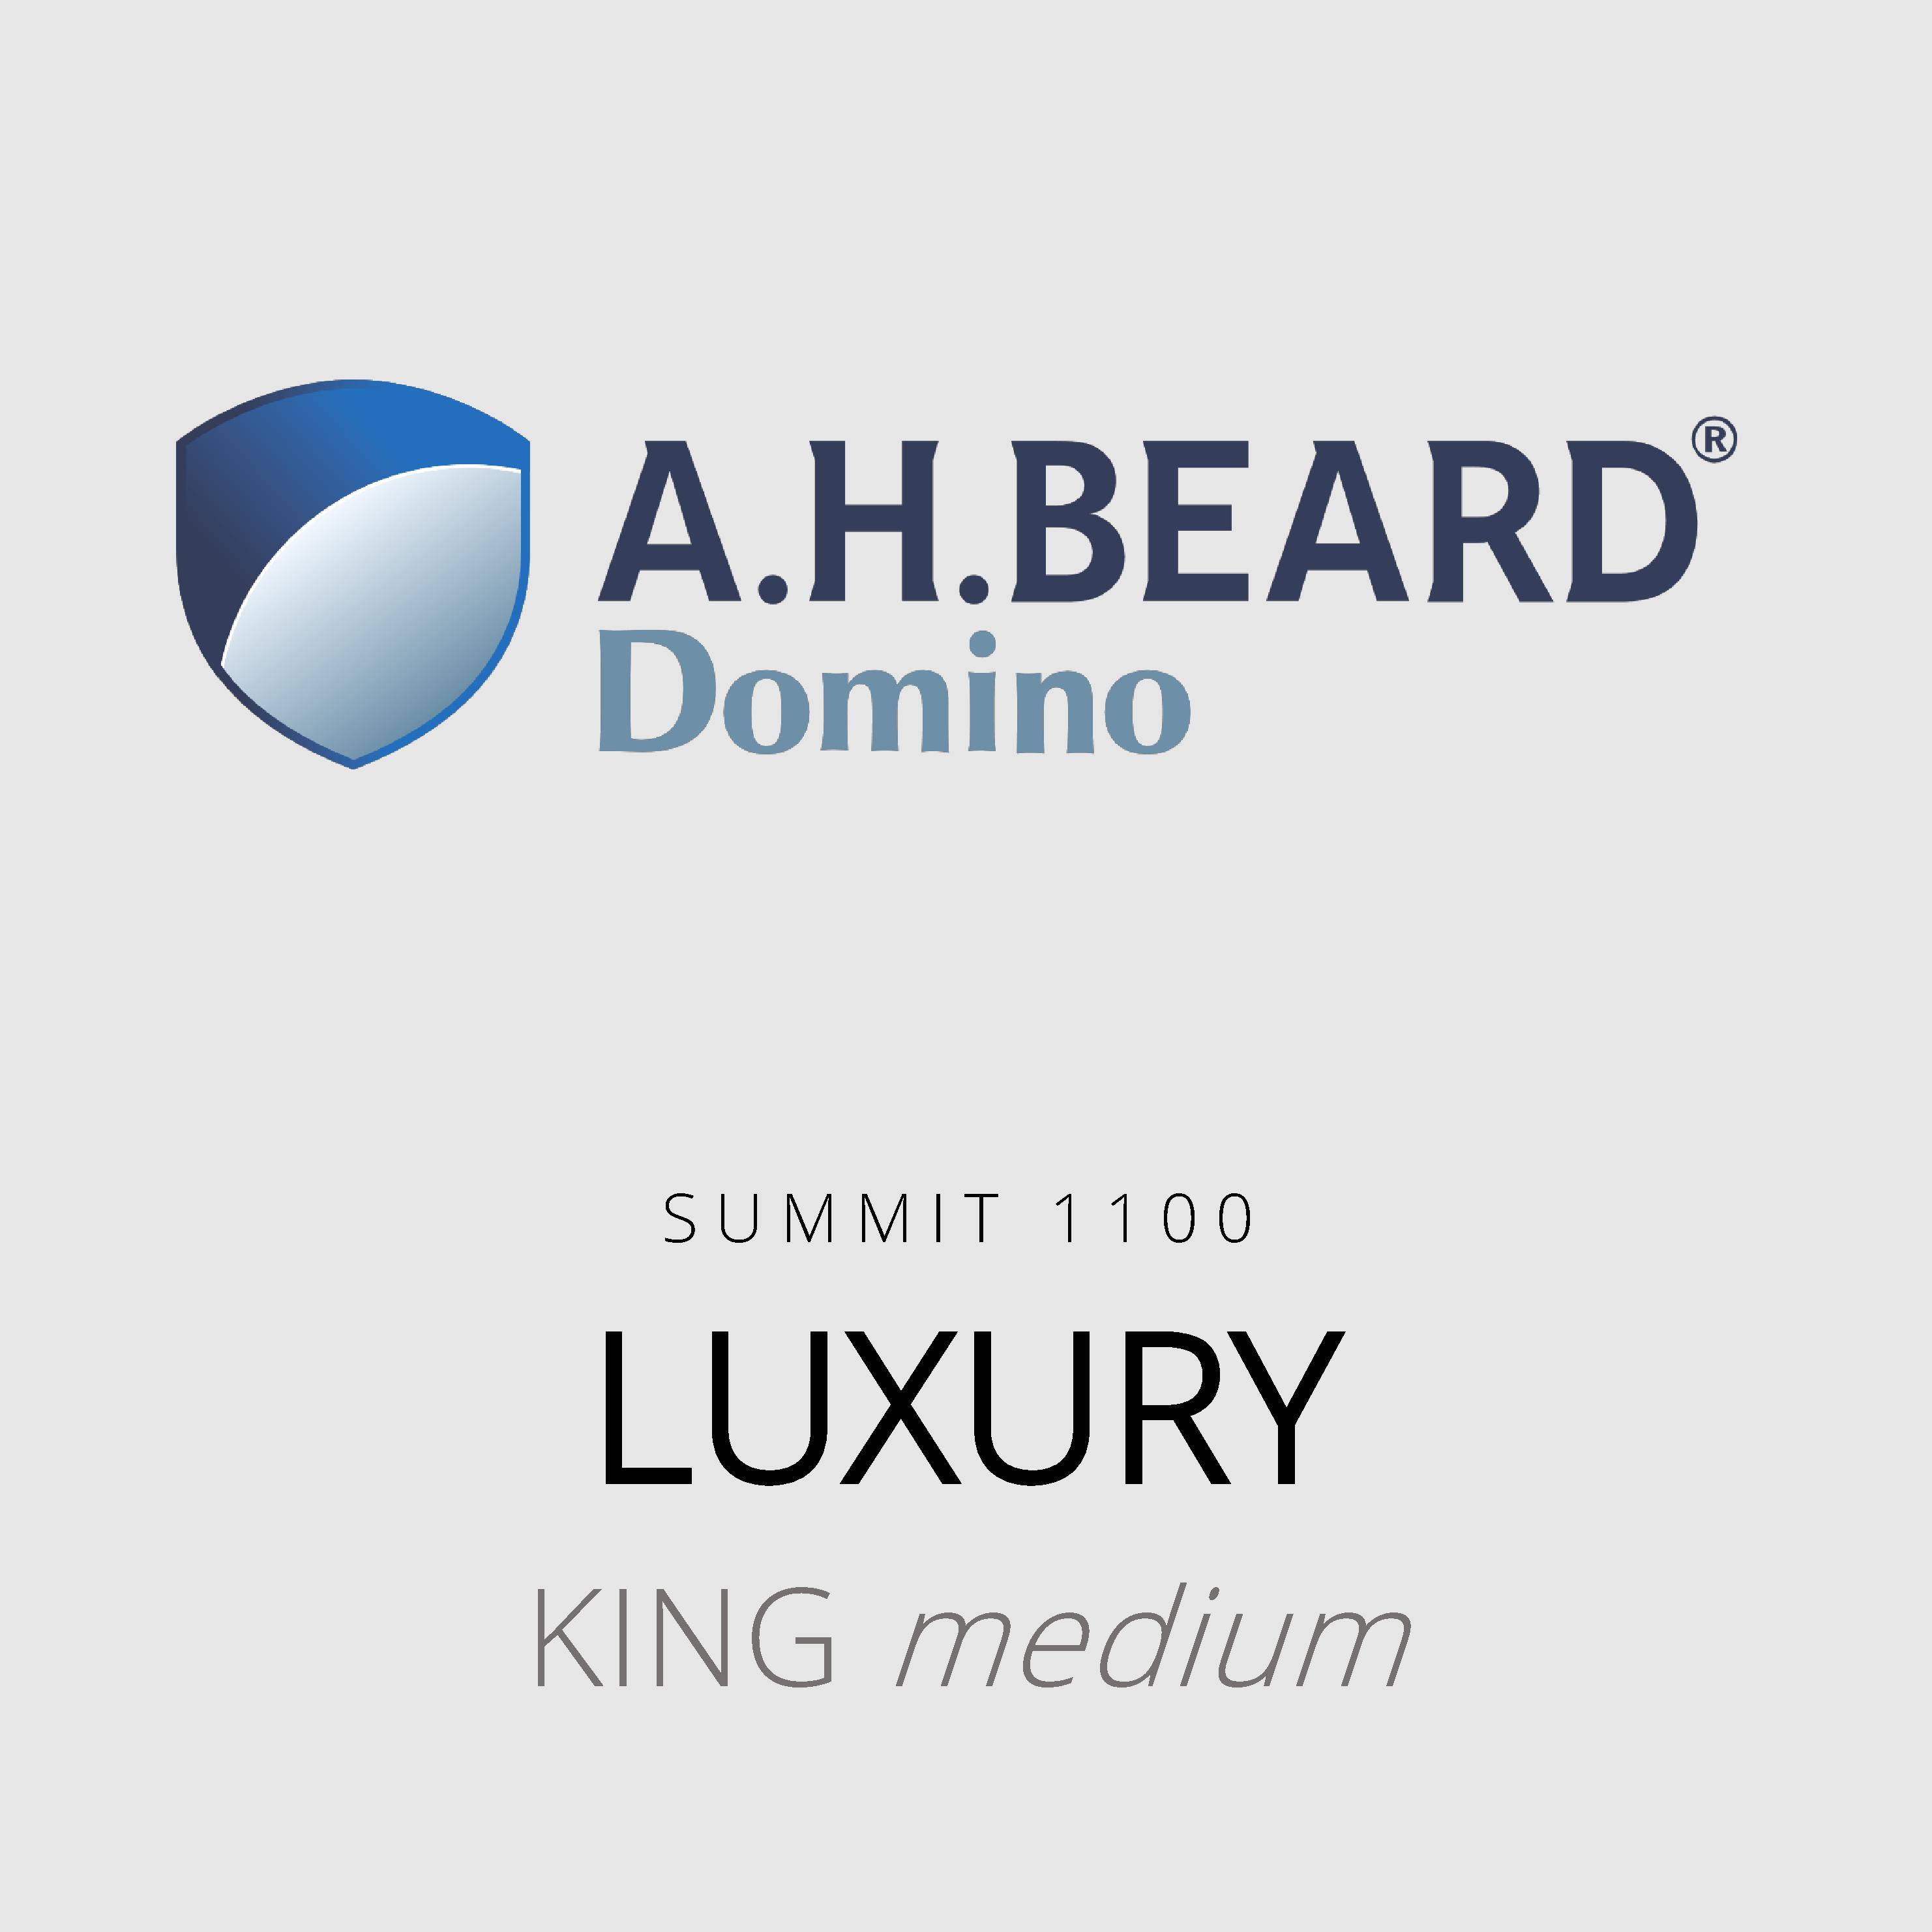 AH Beard Domino – Luxury – Summit 1100 – King Medium Mattress